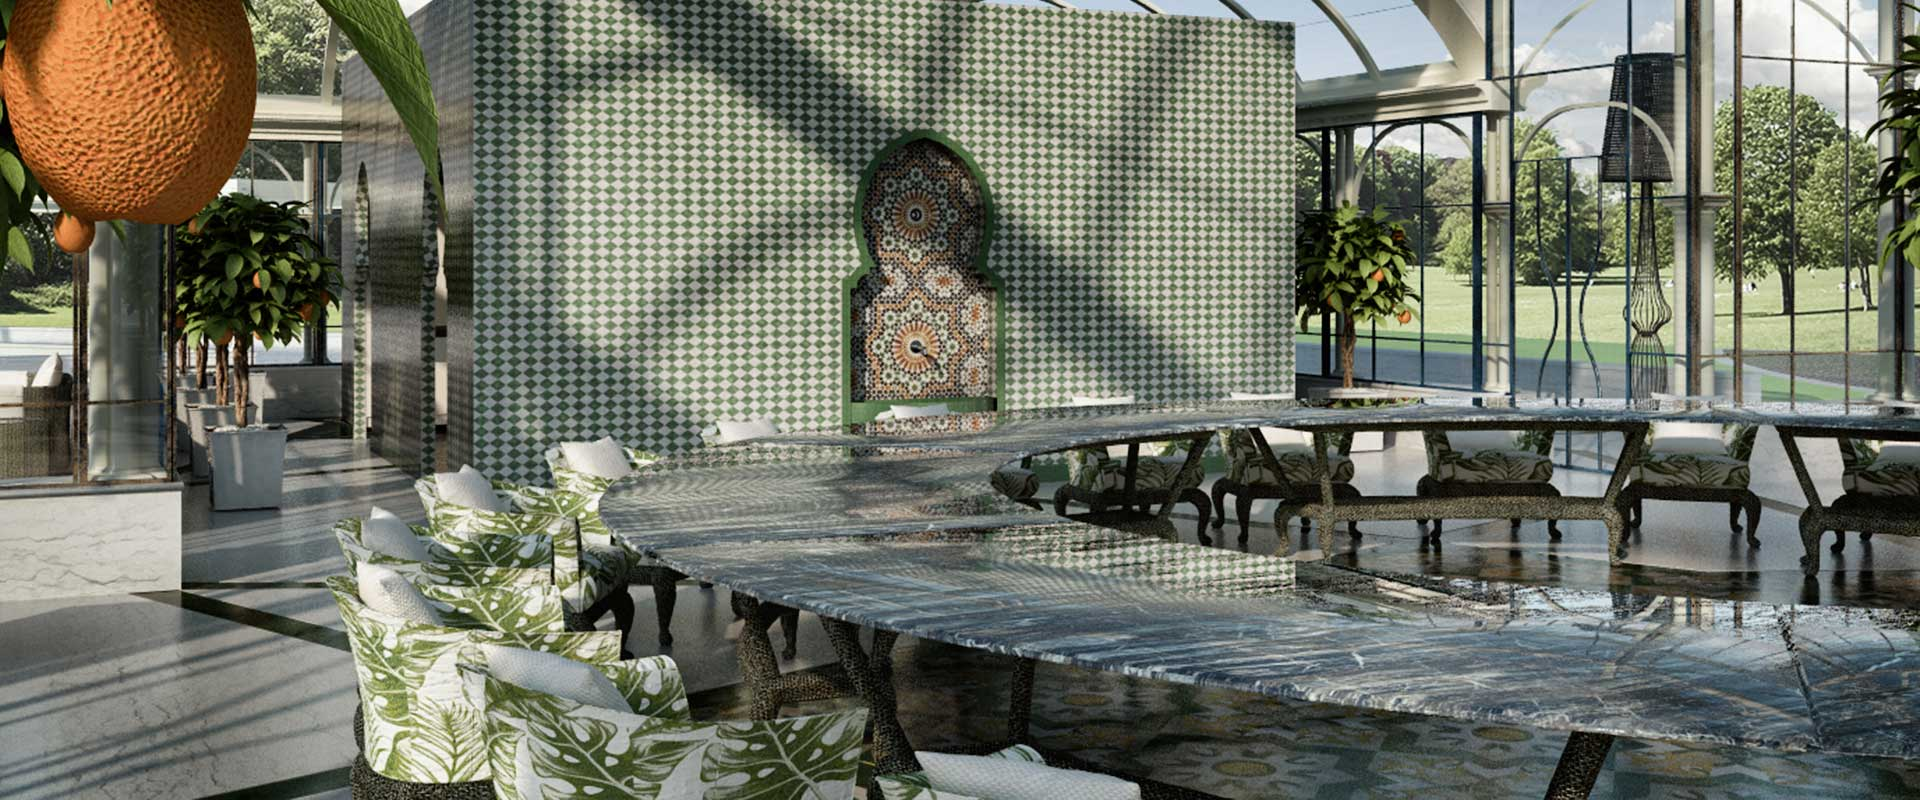 Arredamento personalizzato dfn luxury outdoor furniture for Arredamento personalizzato